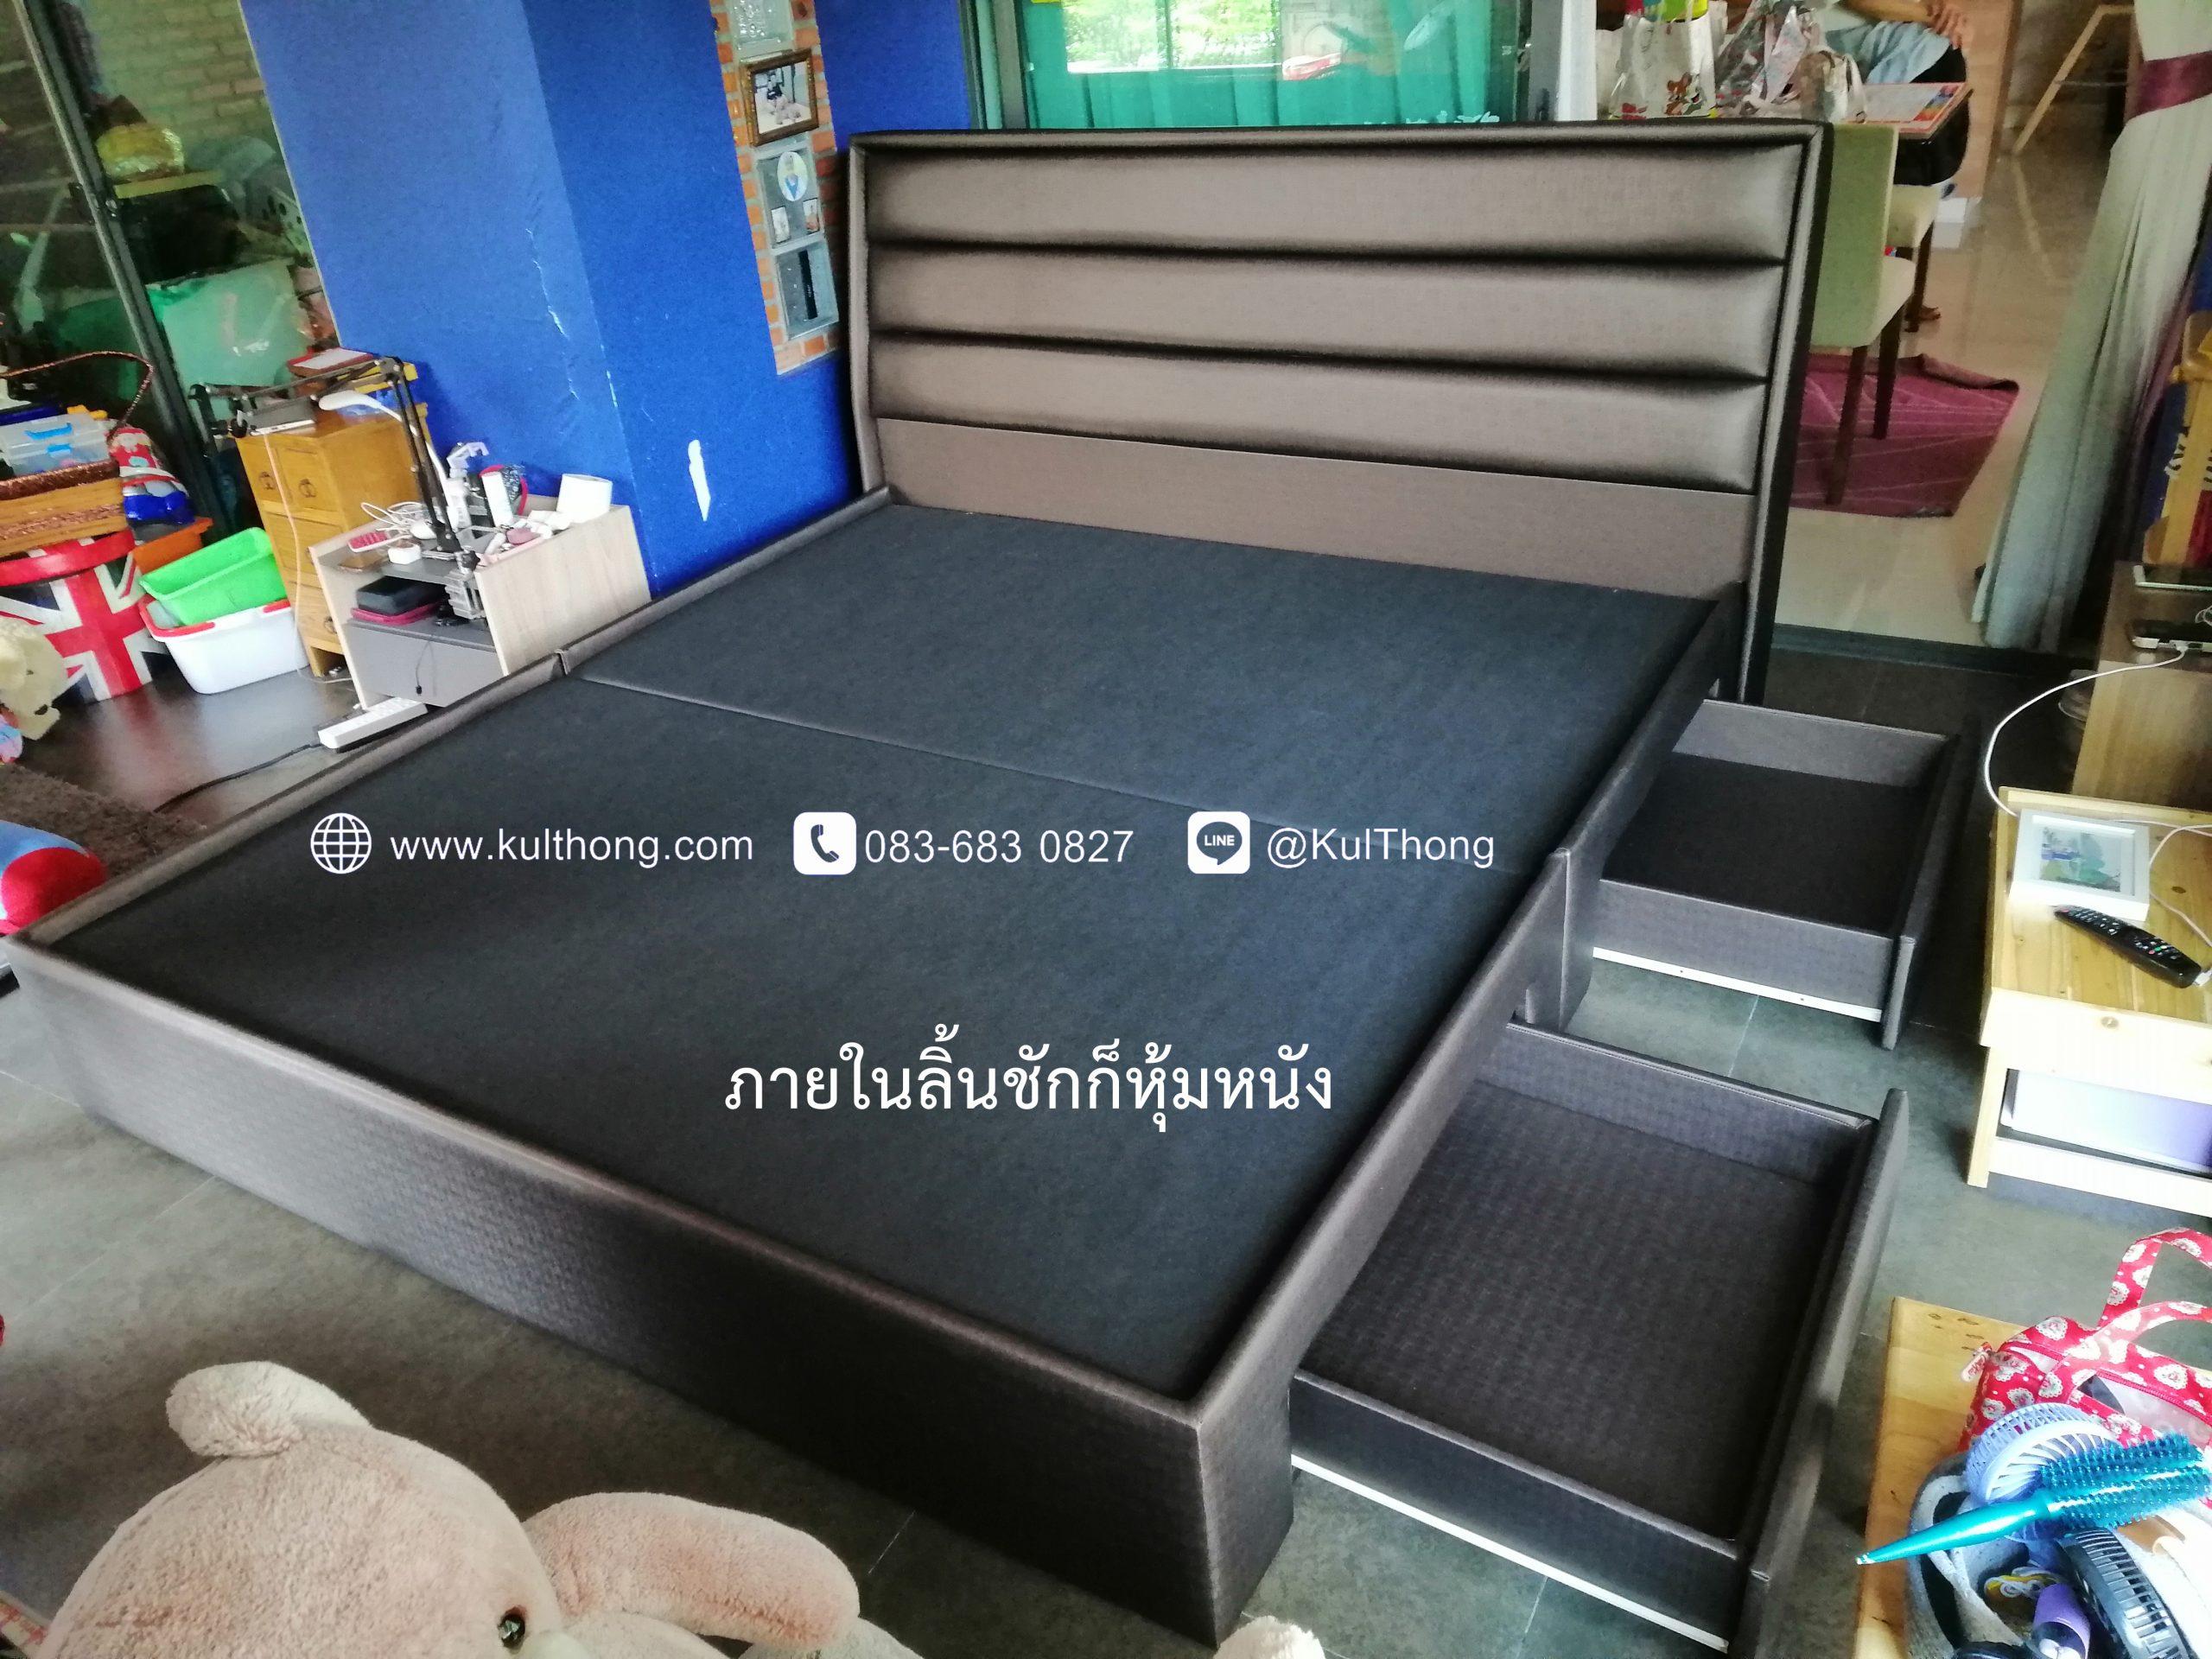 เตียงลิ้นชัก ฐานเตียงมีลิ้นชัก ลิ้นชักใต้เตียง